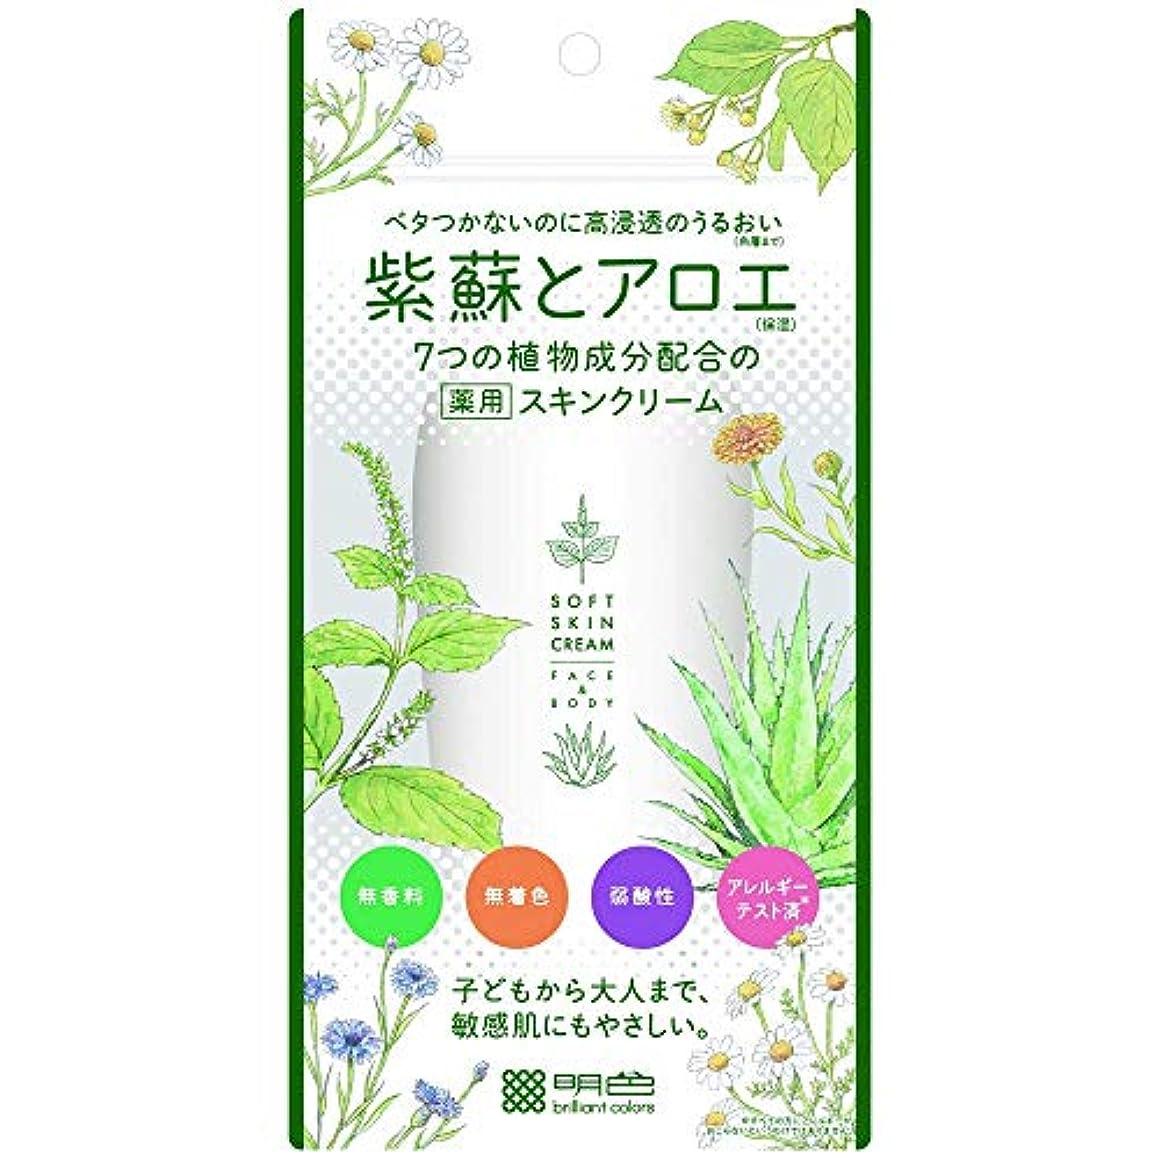 連帯悪党逆説【7個セット】紫蘇とアロエ 薬用スキンクリーム 190g